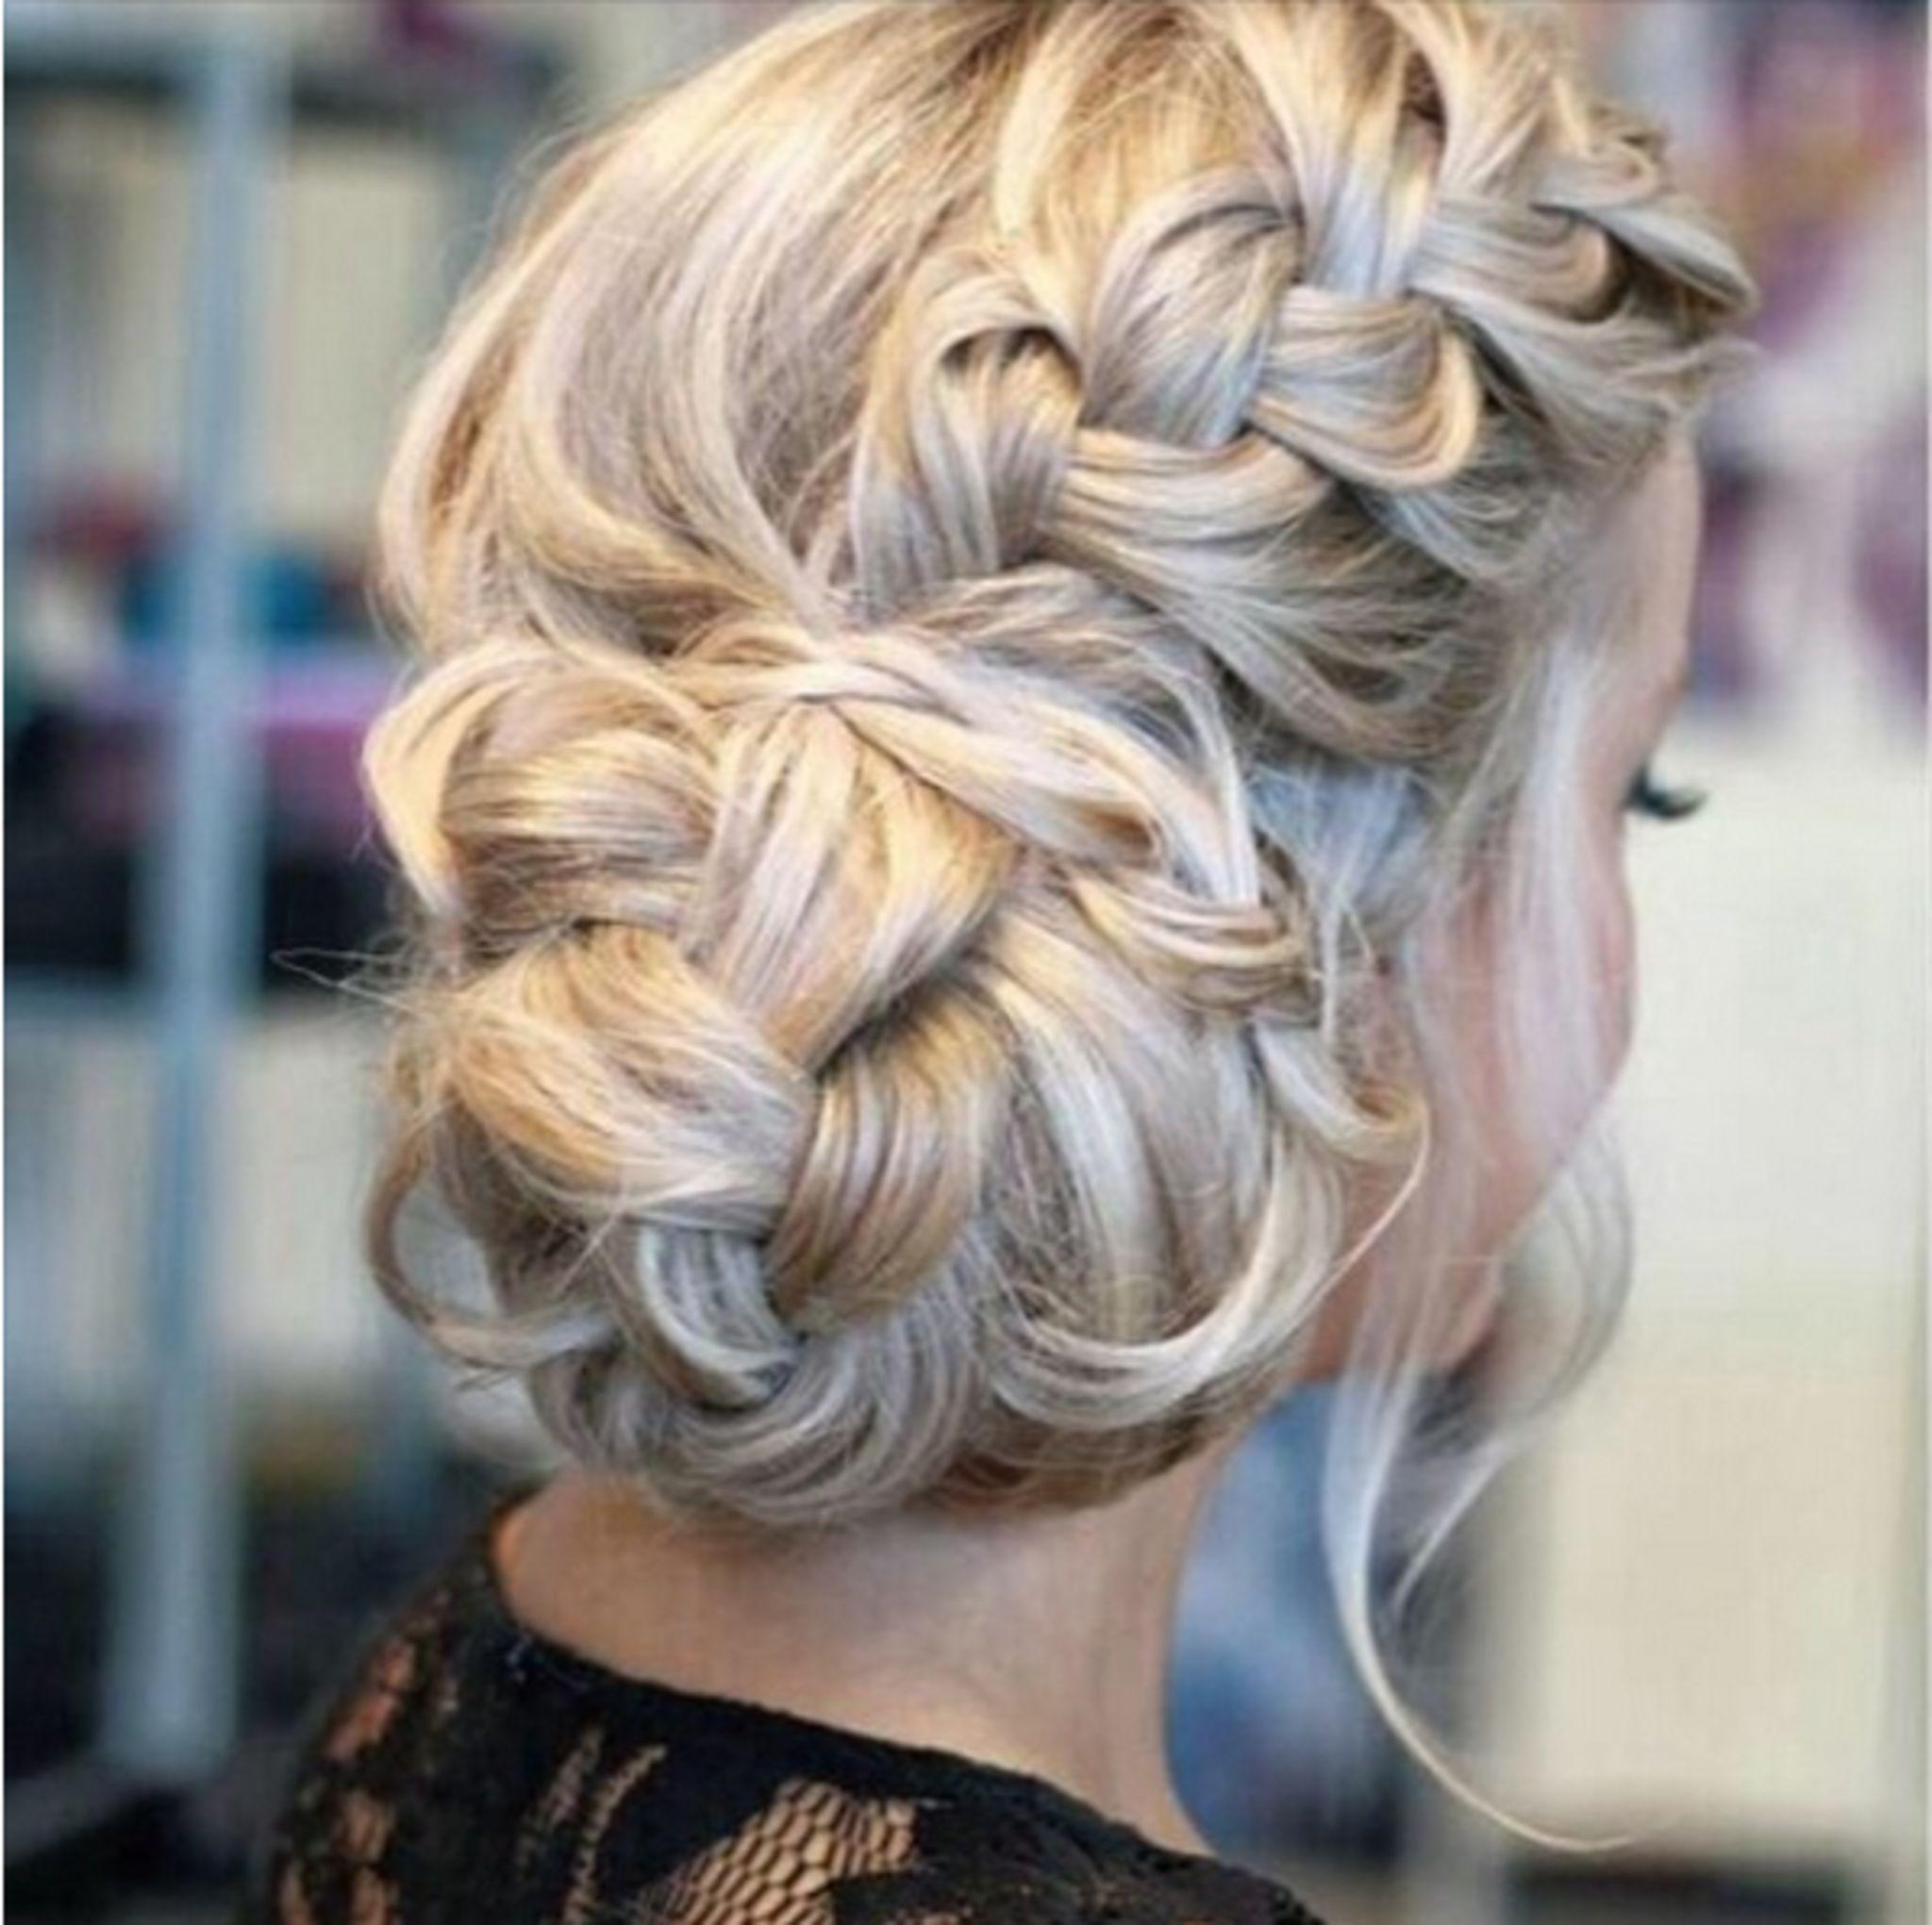 Braid For The Bride Hair Dues Hair Styles Dance